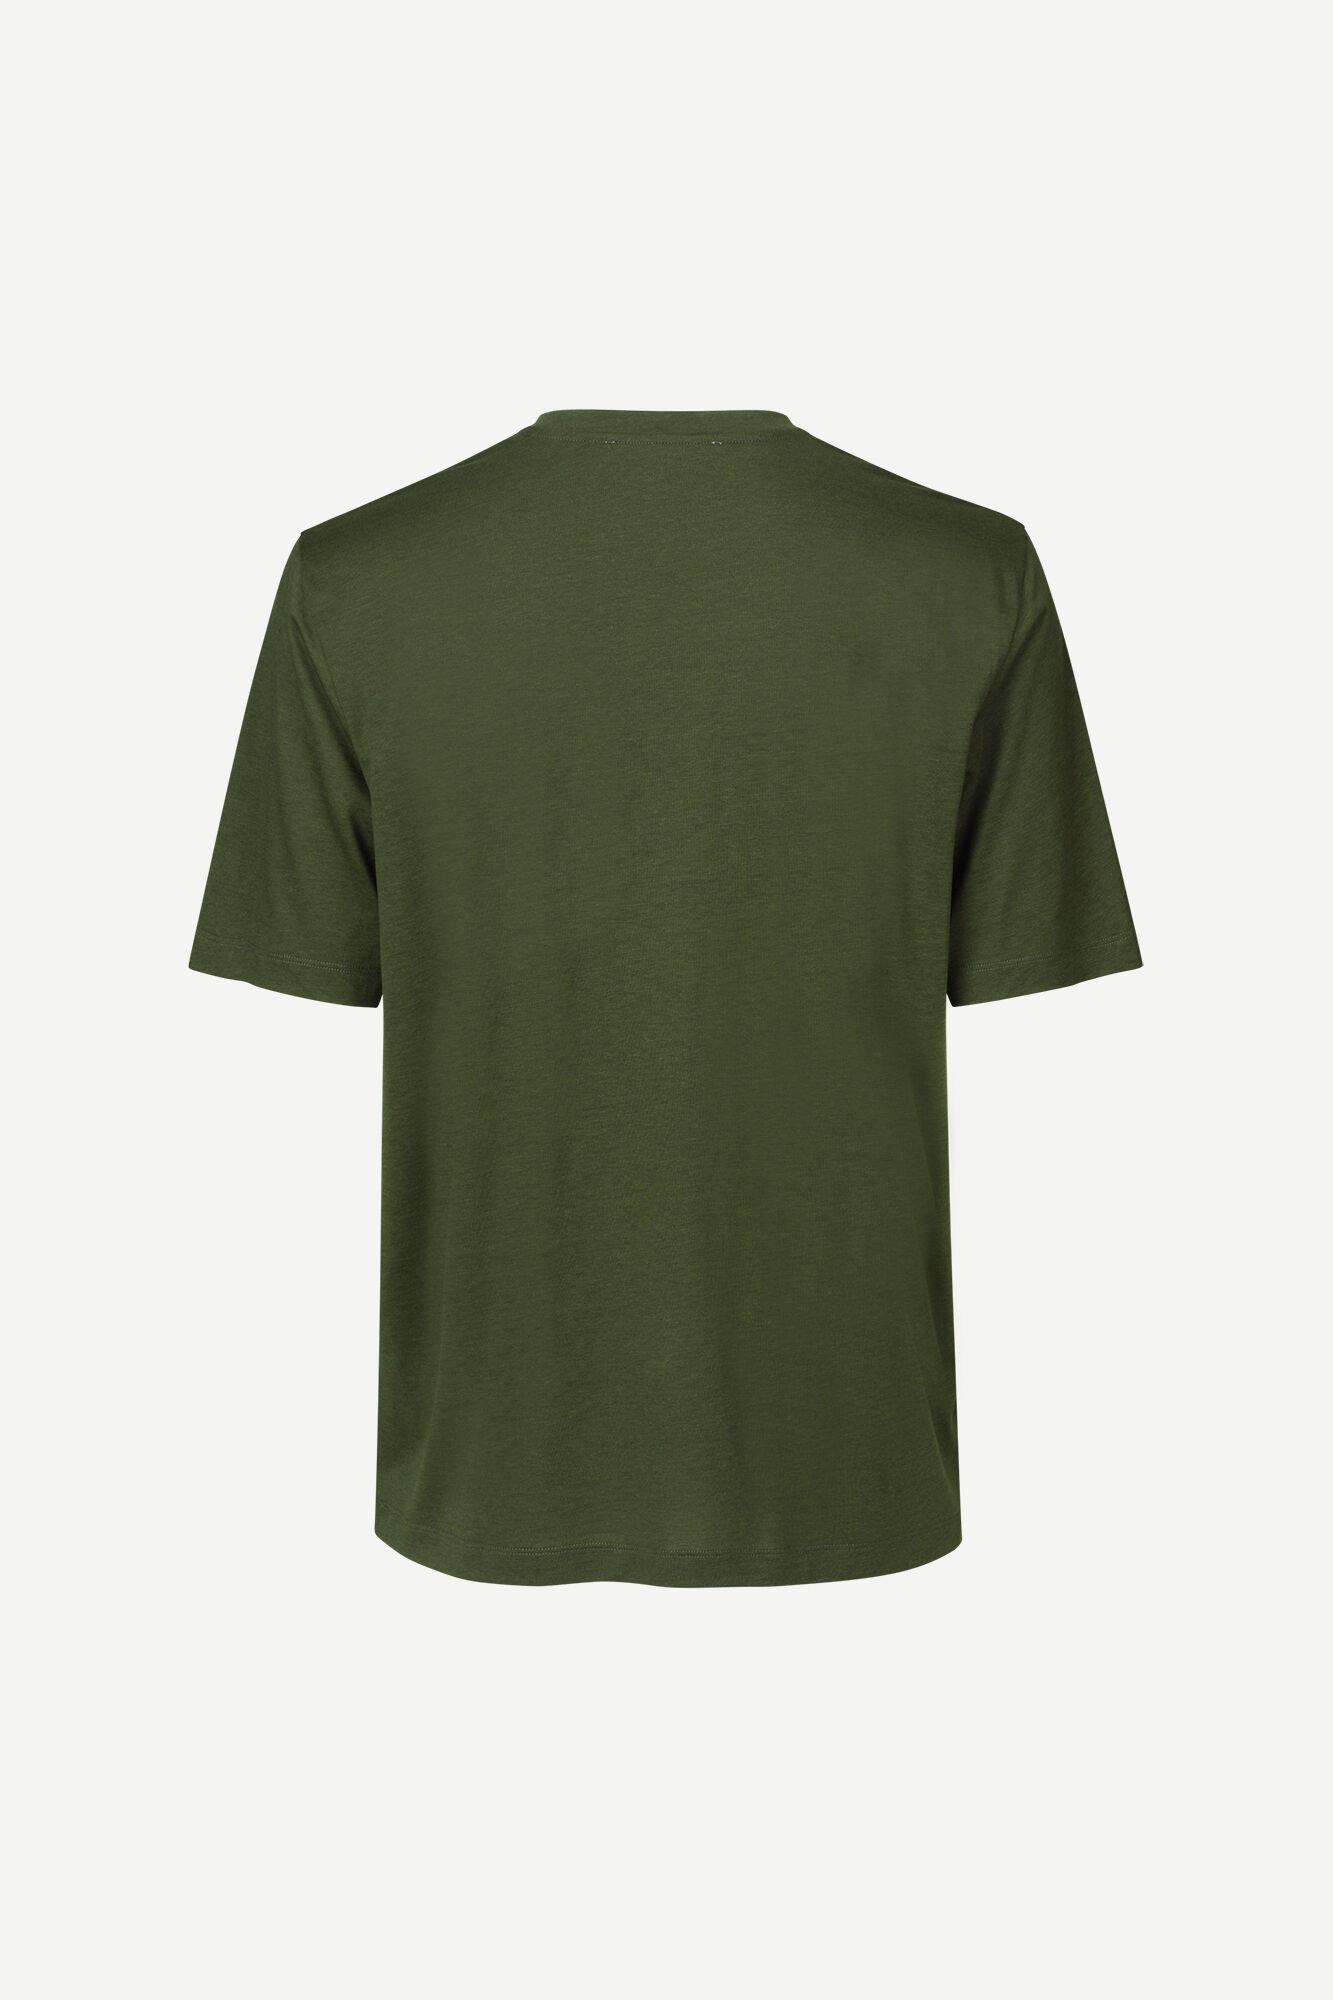 Toke t-shirt 11069